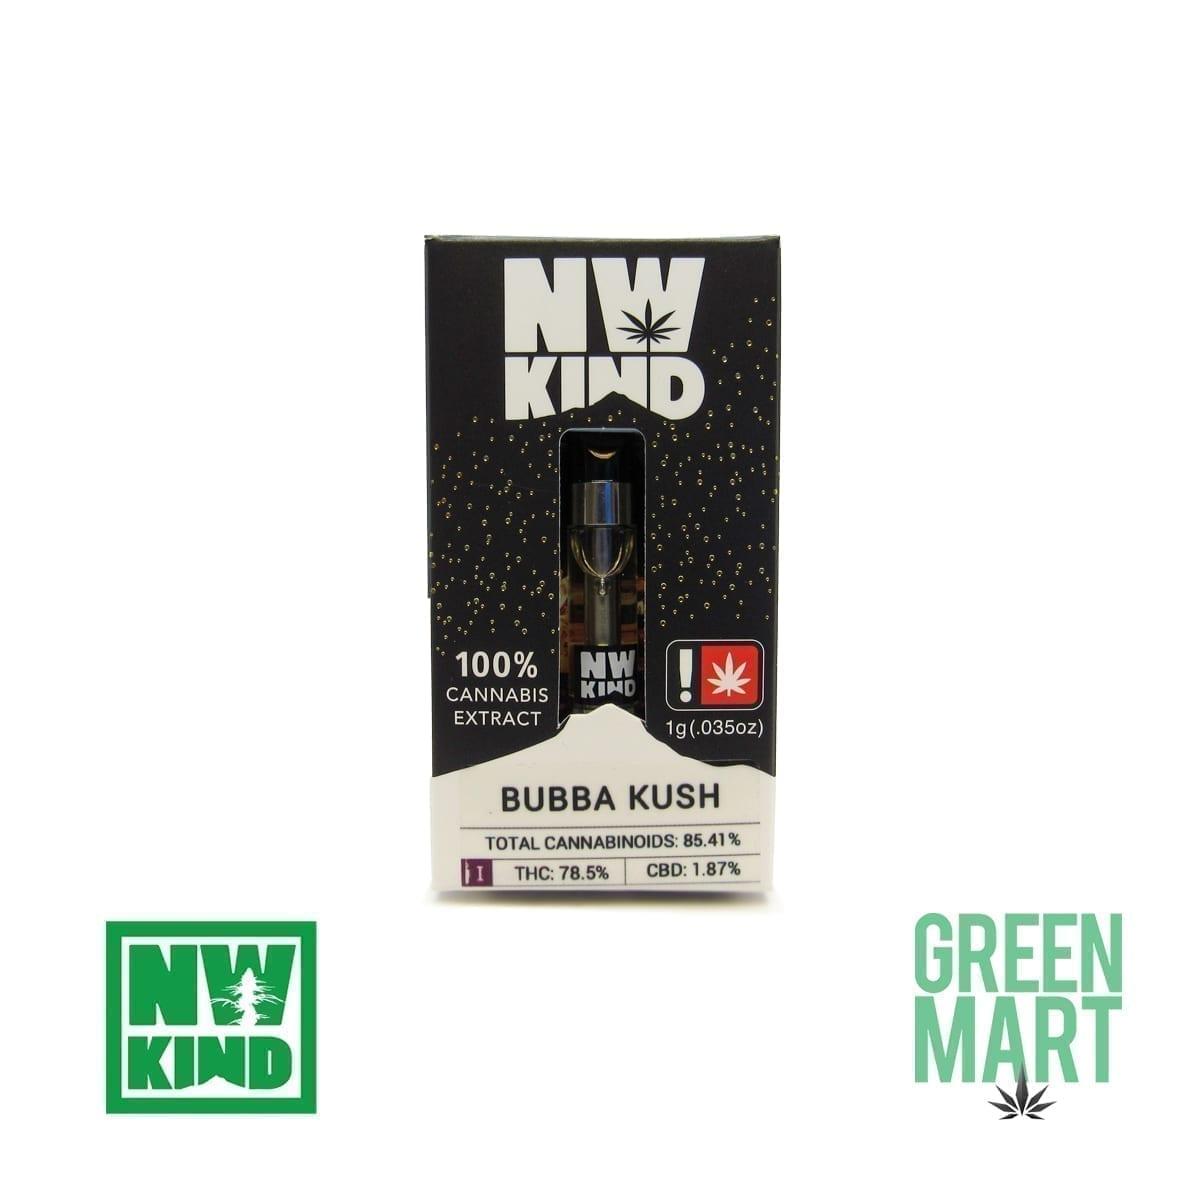 NW Kind Distillate Cartridge - Bubba Kush